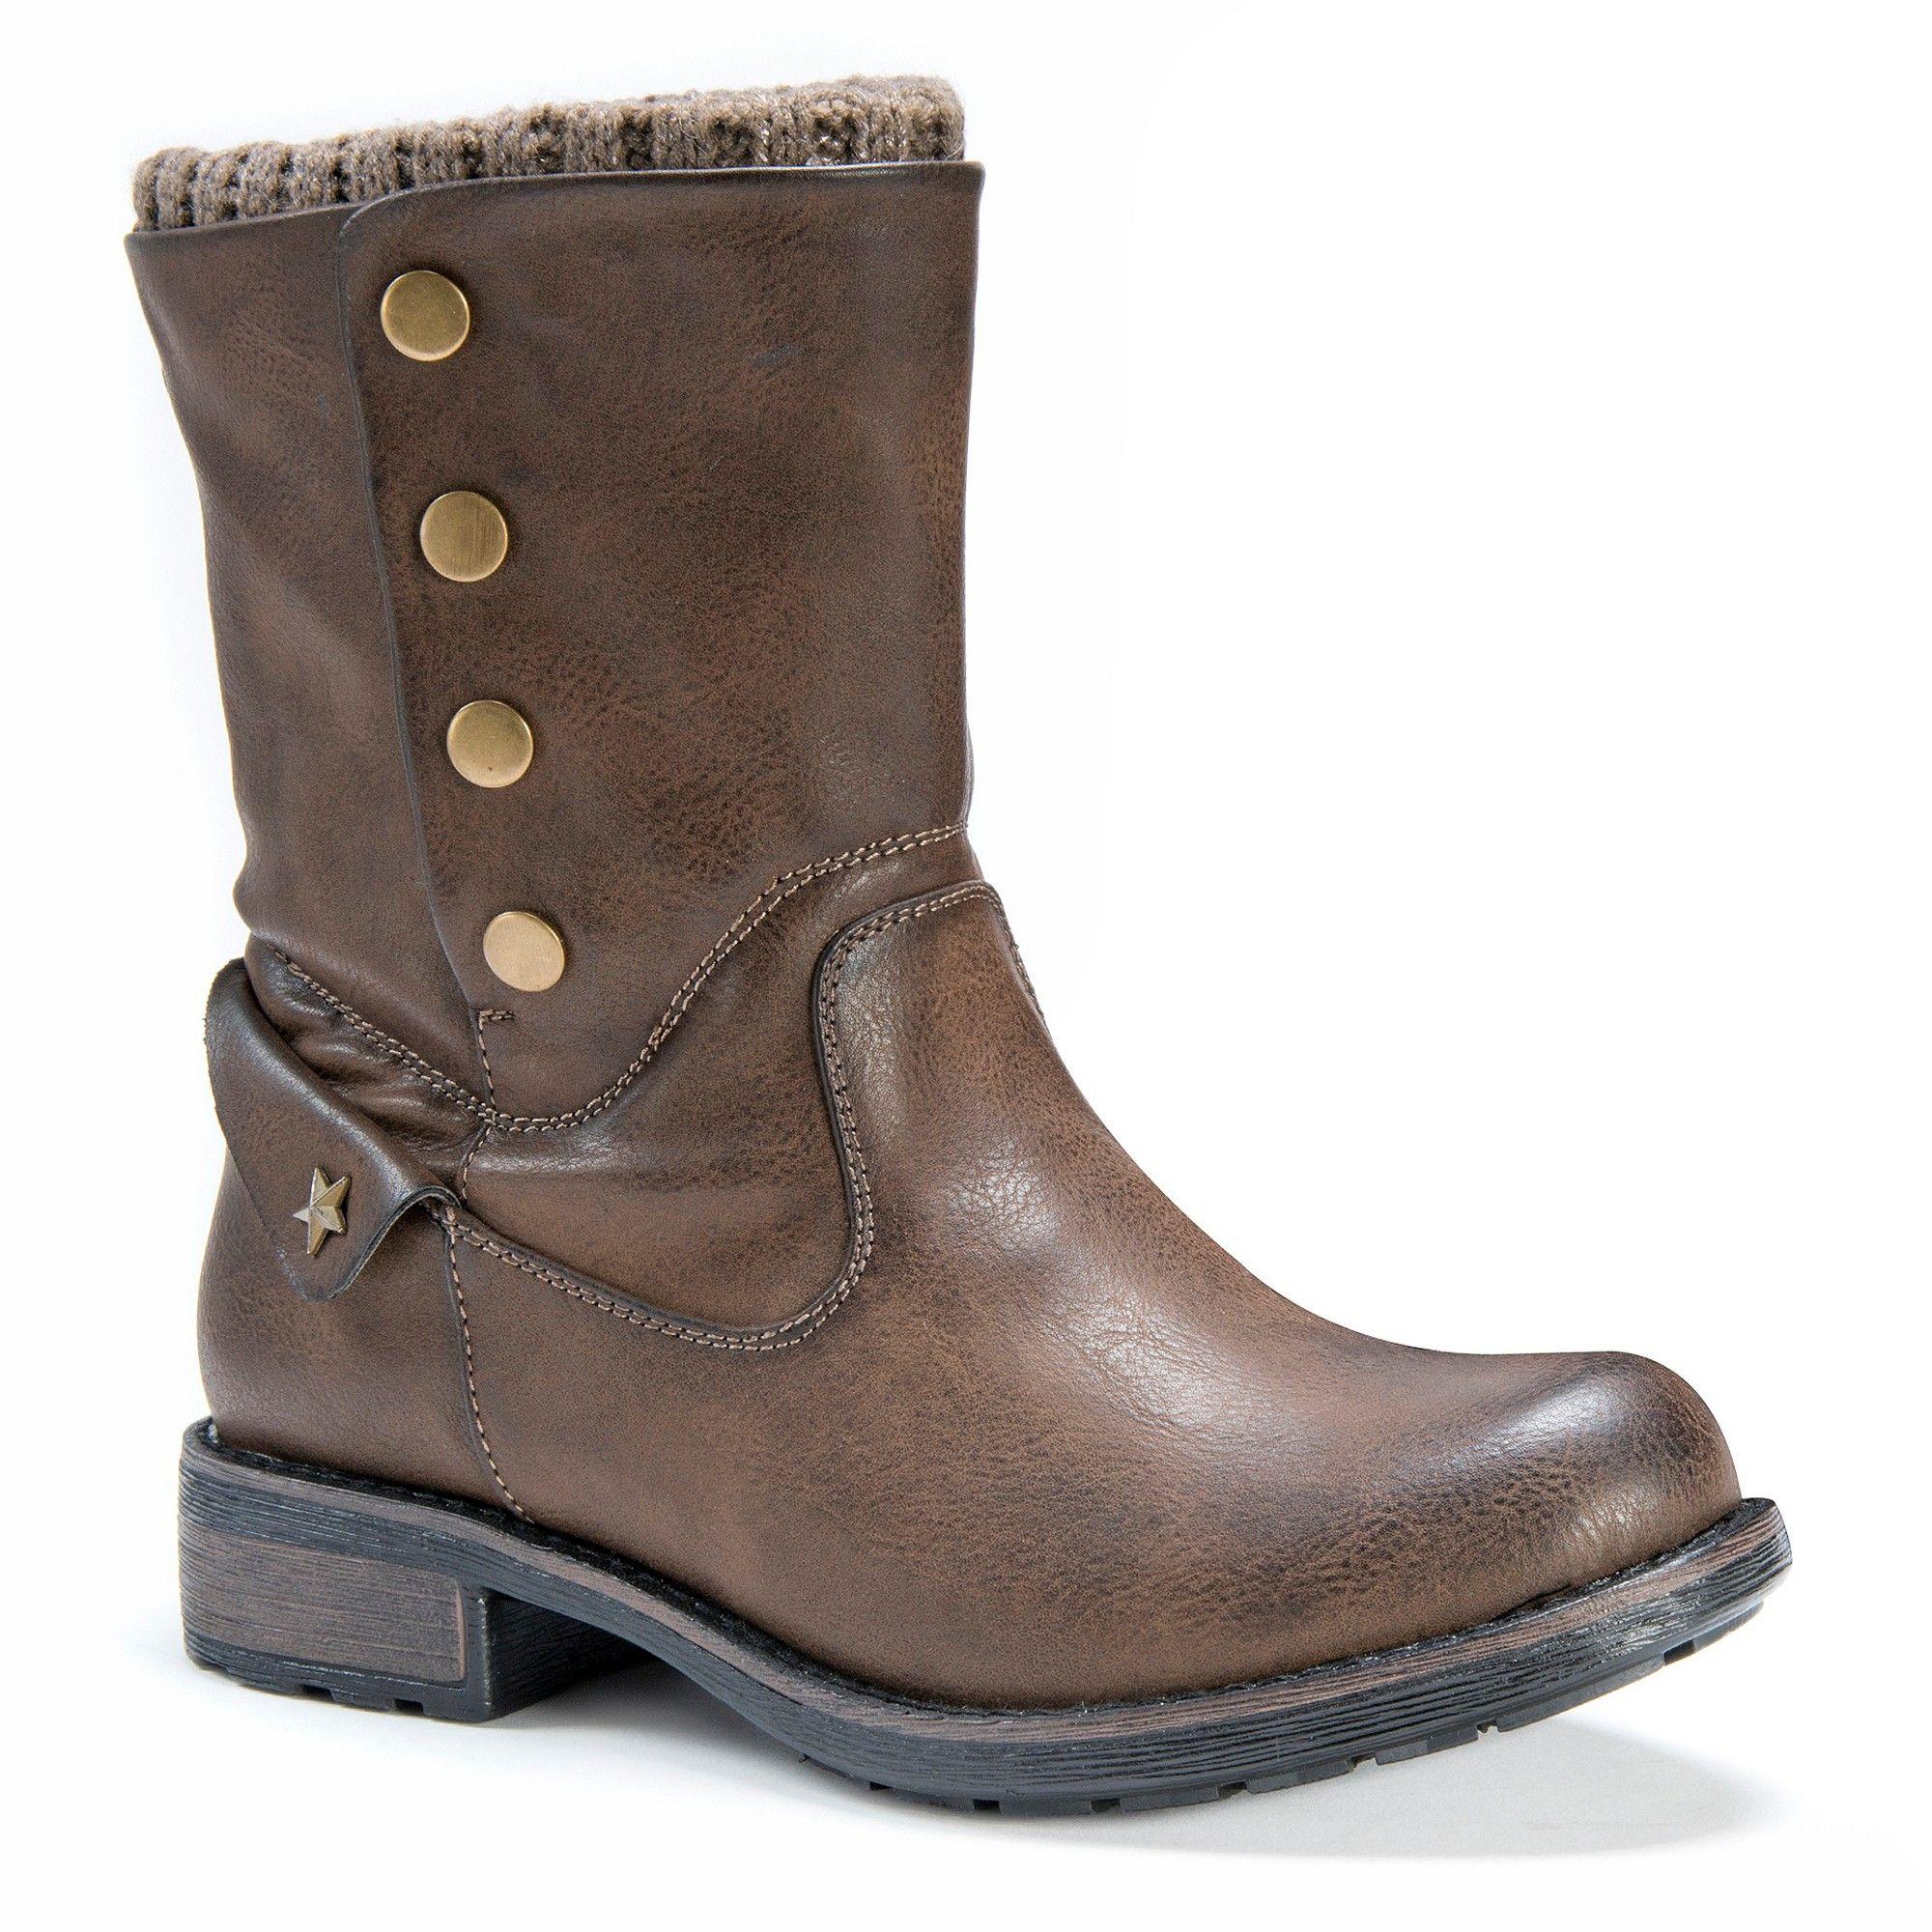 b42bf4a7571b Women s Muk Luks Crumpet Boots - Brown 9